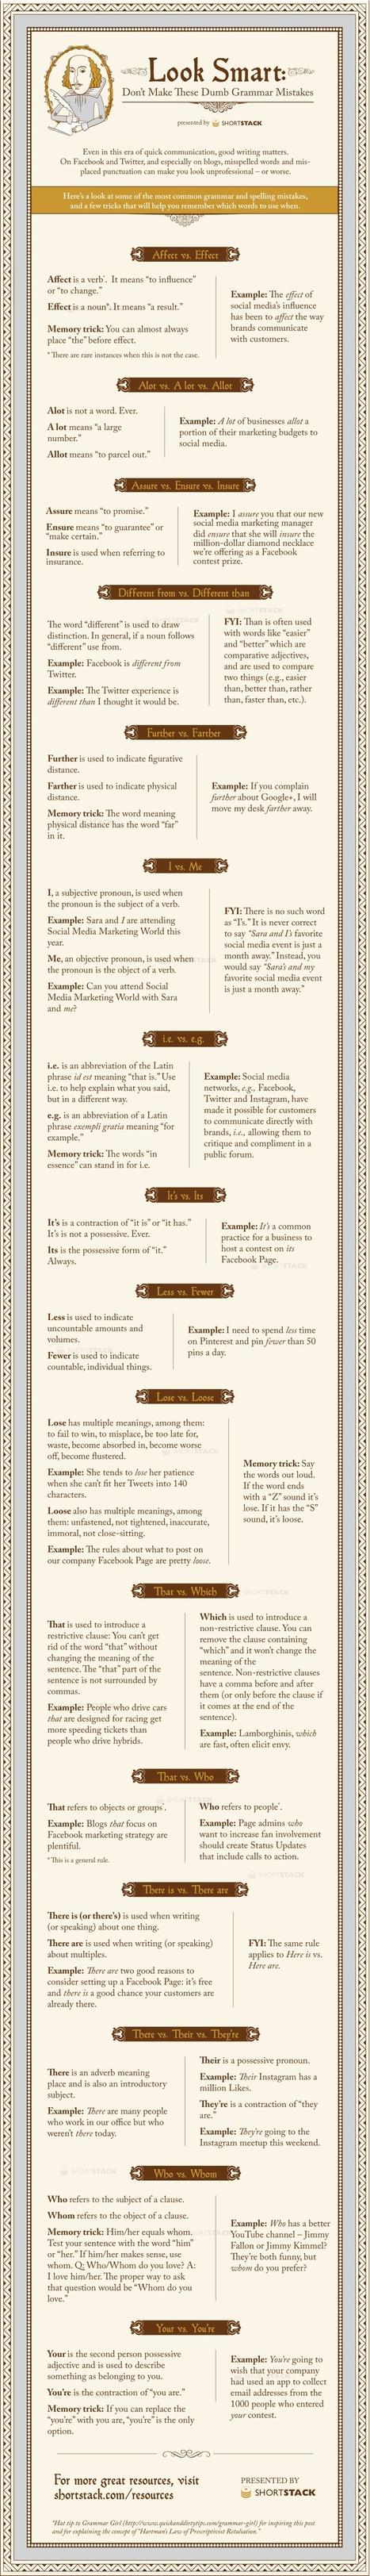 Look Smart: Don't Make these Dumb Writing Mistakes! - Infographic | Français Langue Étrangére FLE | Scoop.it